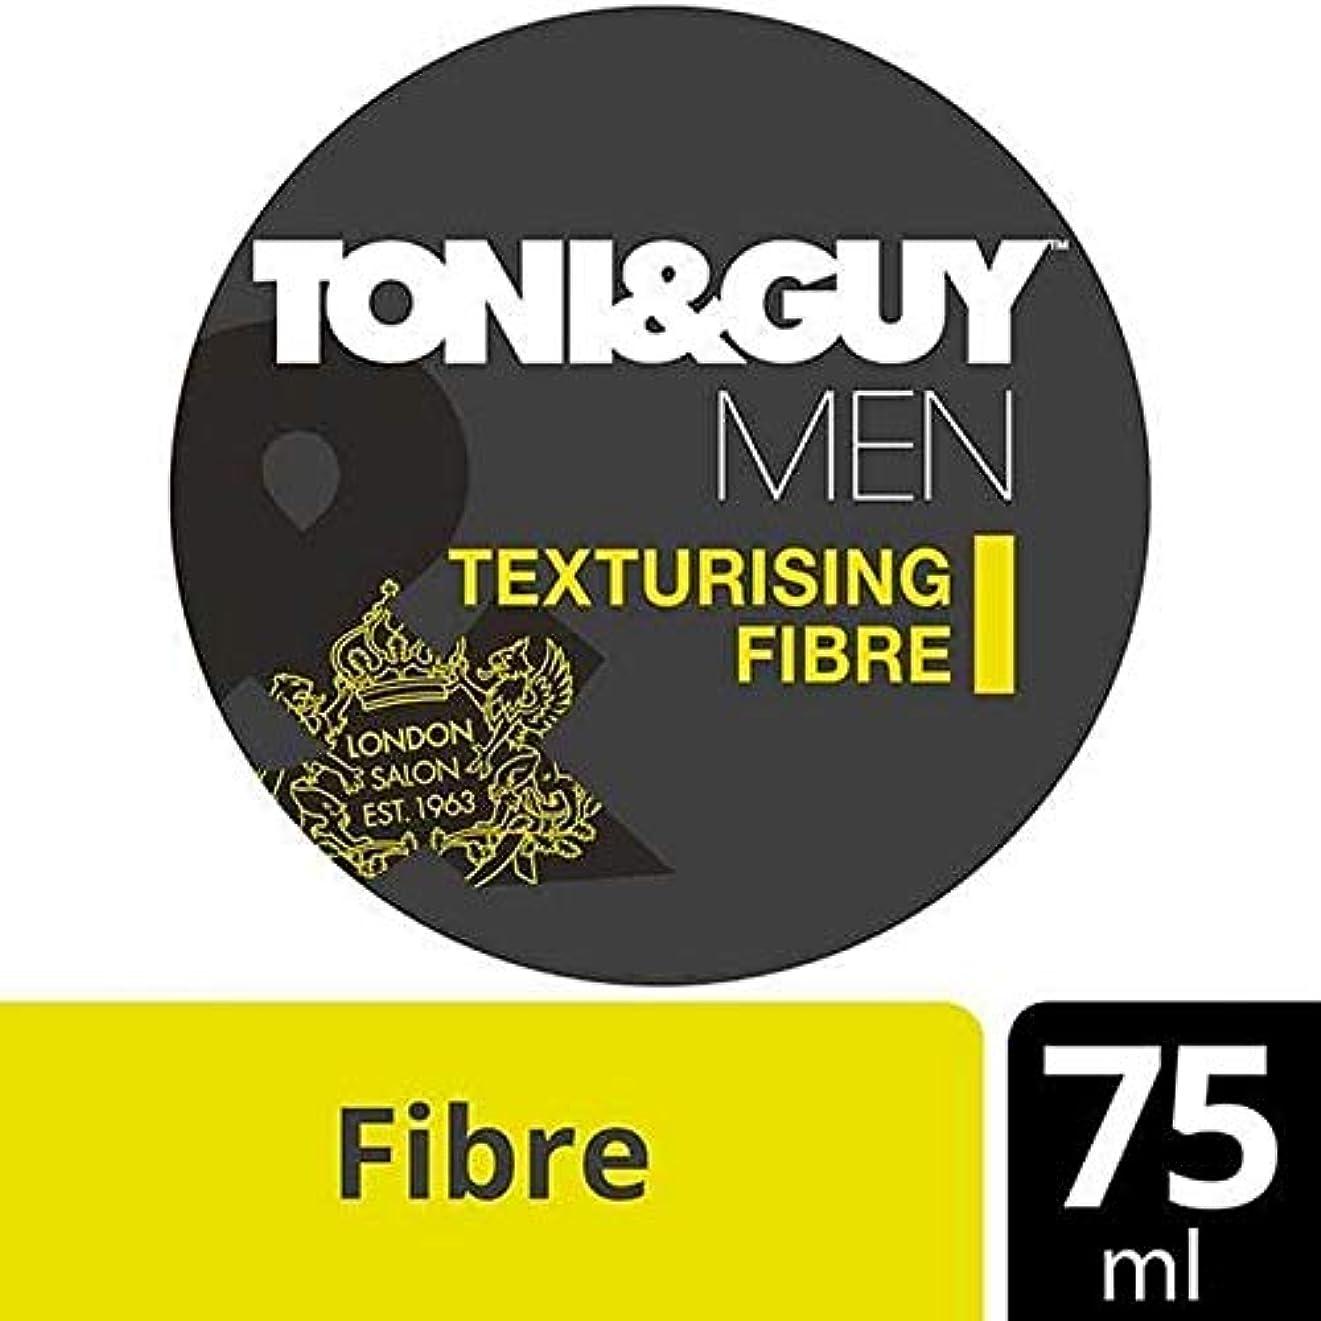 虚弱ビジョン義務づける[Toni & Guy] トニ&男テクスチャー繊維 - Toni & Guy Texturising Fibre [並行輸入品]